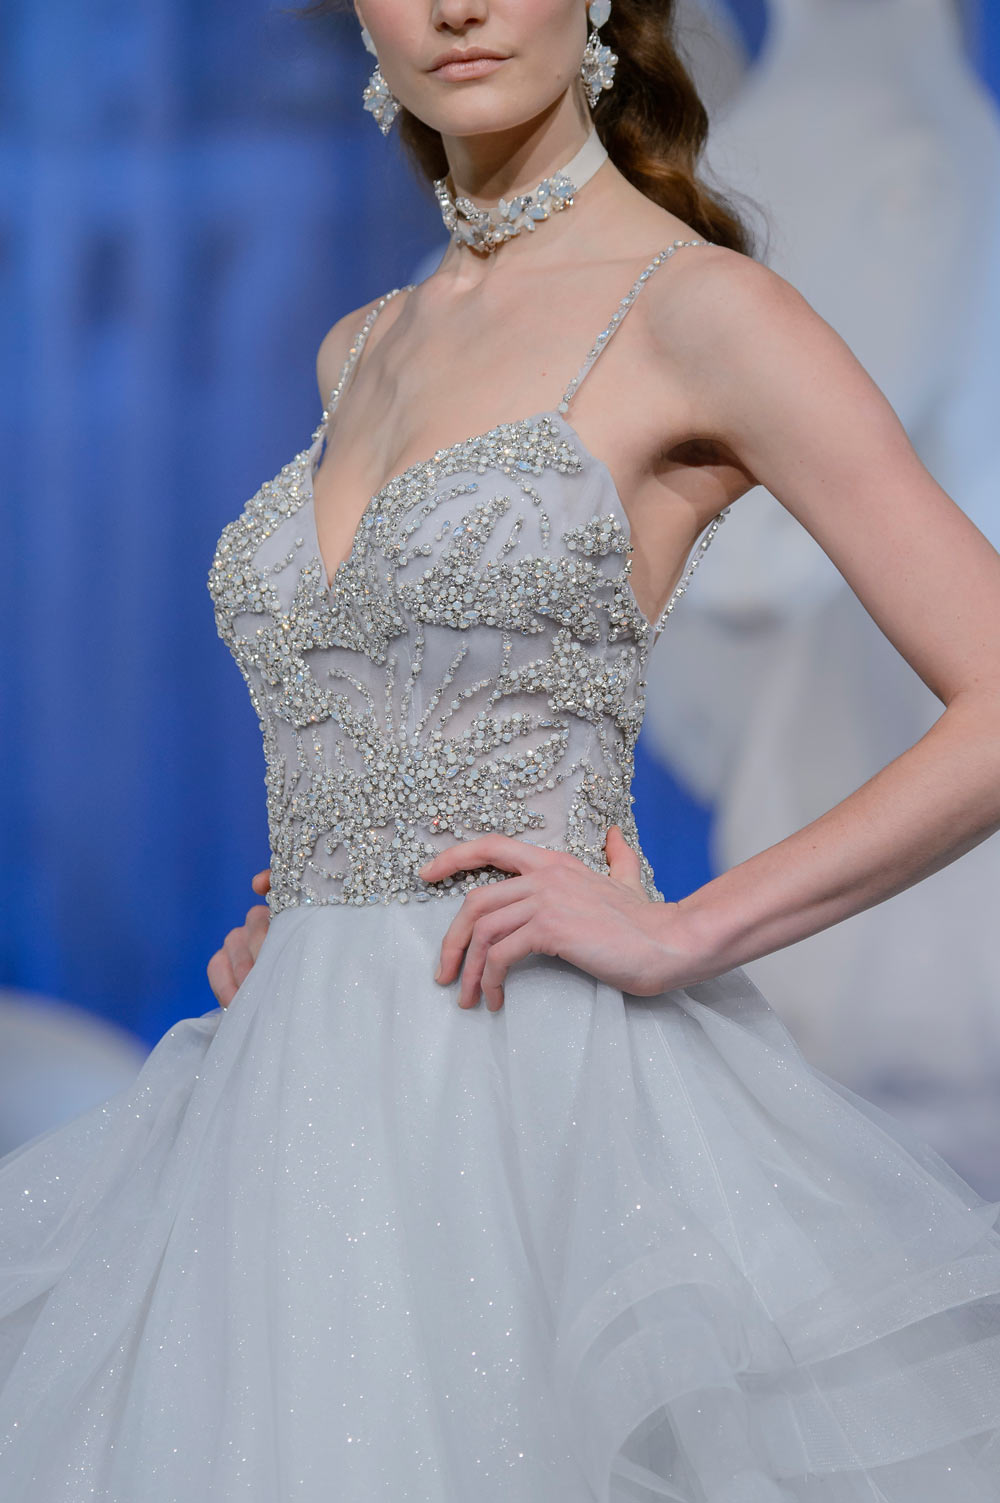 Matrimonio In Azzurro Polvere : Di matrimonio azzurro polvere